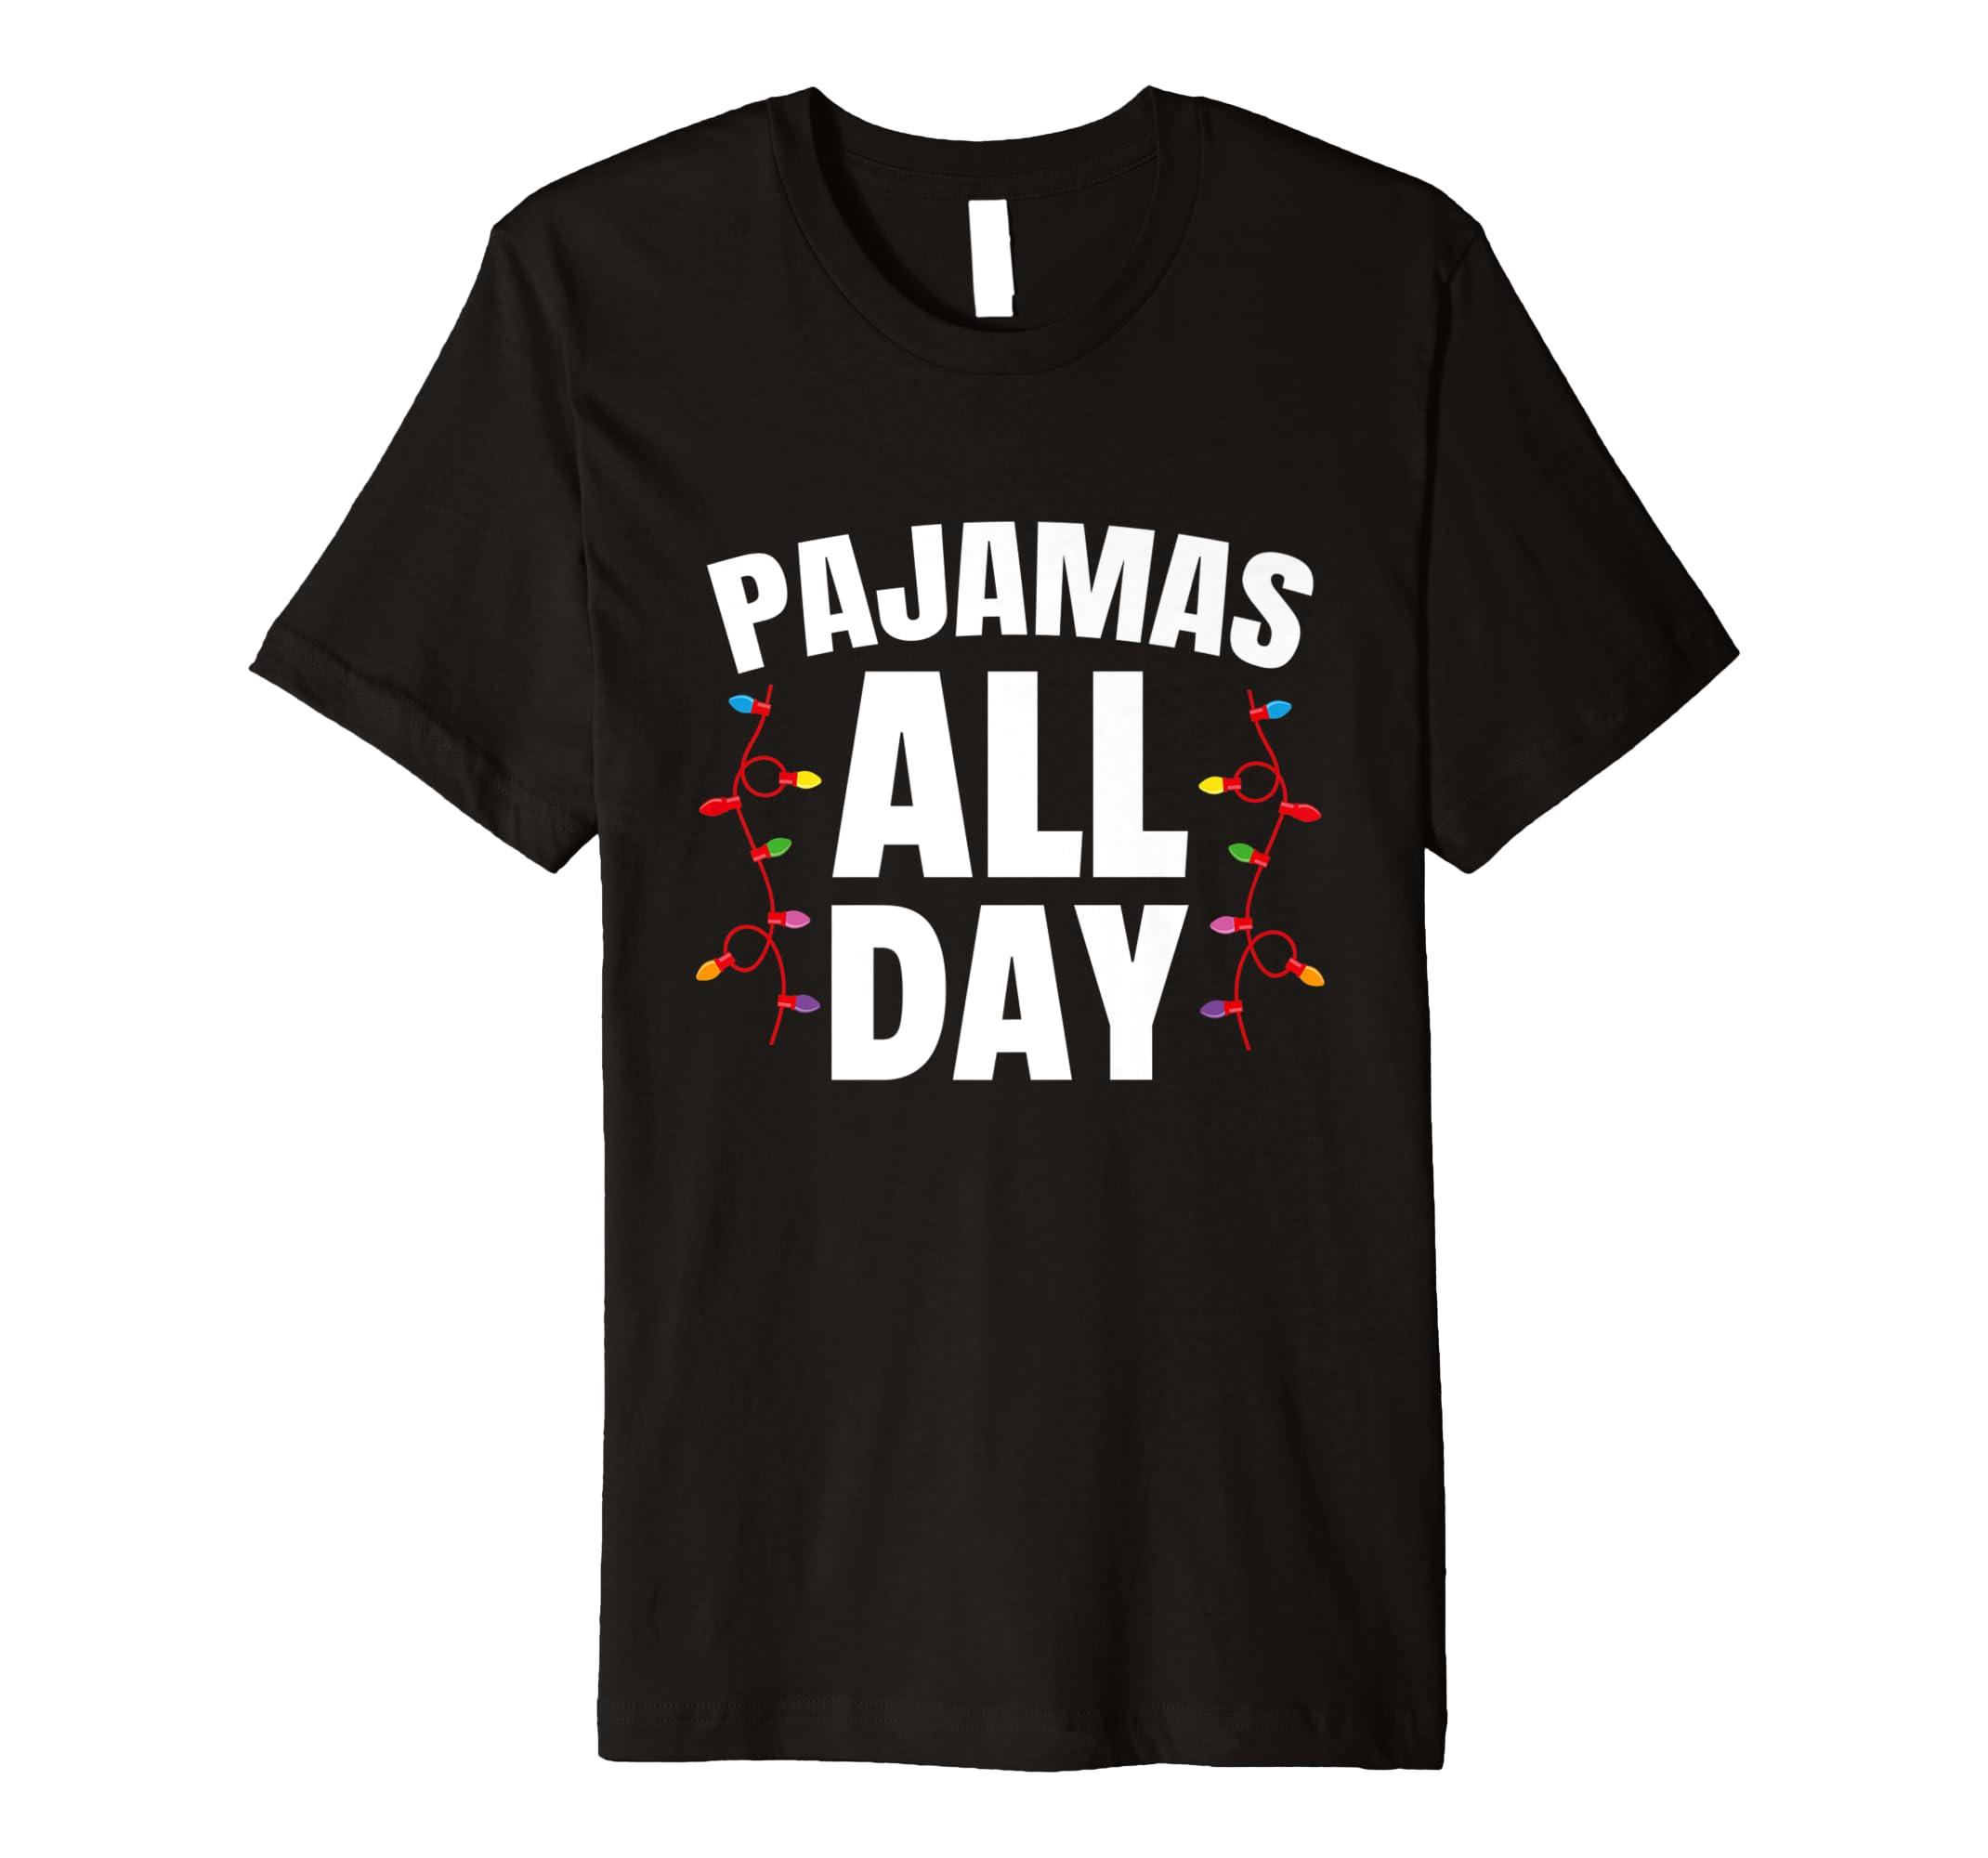 92d7ebb49b43 Amazon.com  Pajamas All Day Christmas Pajama T-Shirt PJ Jammy  Clothing